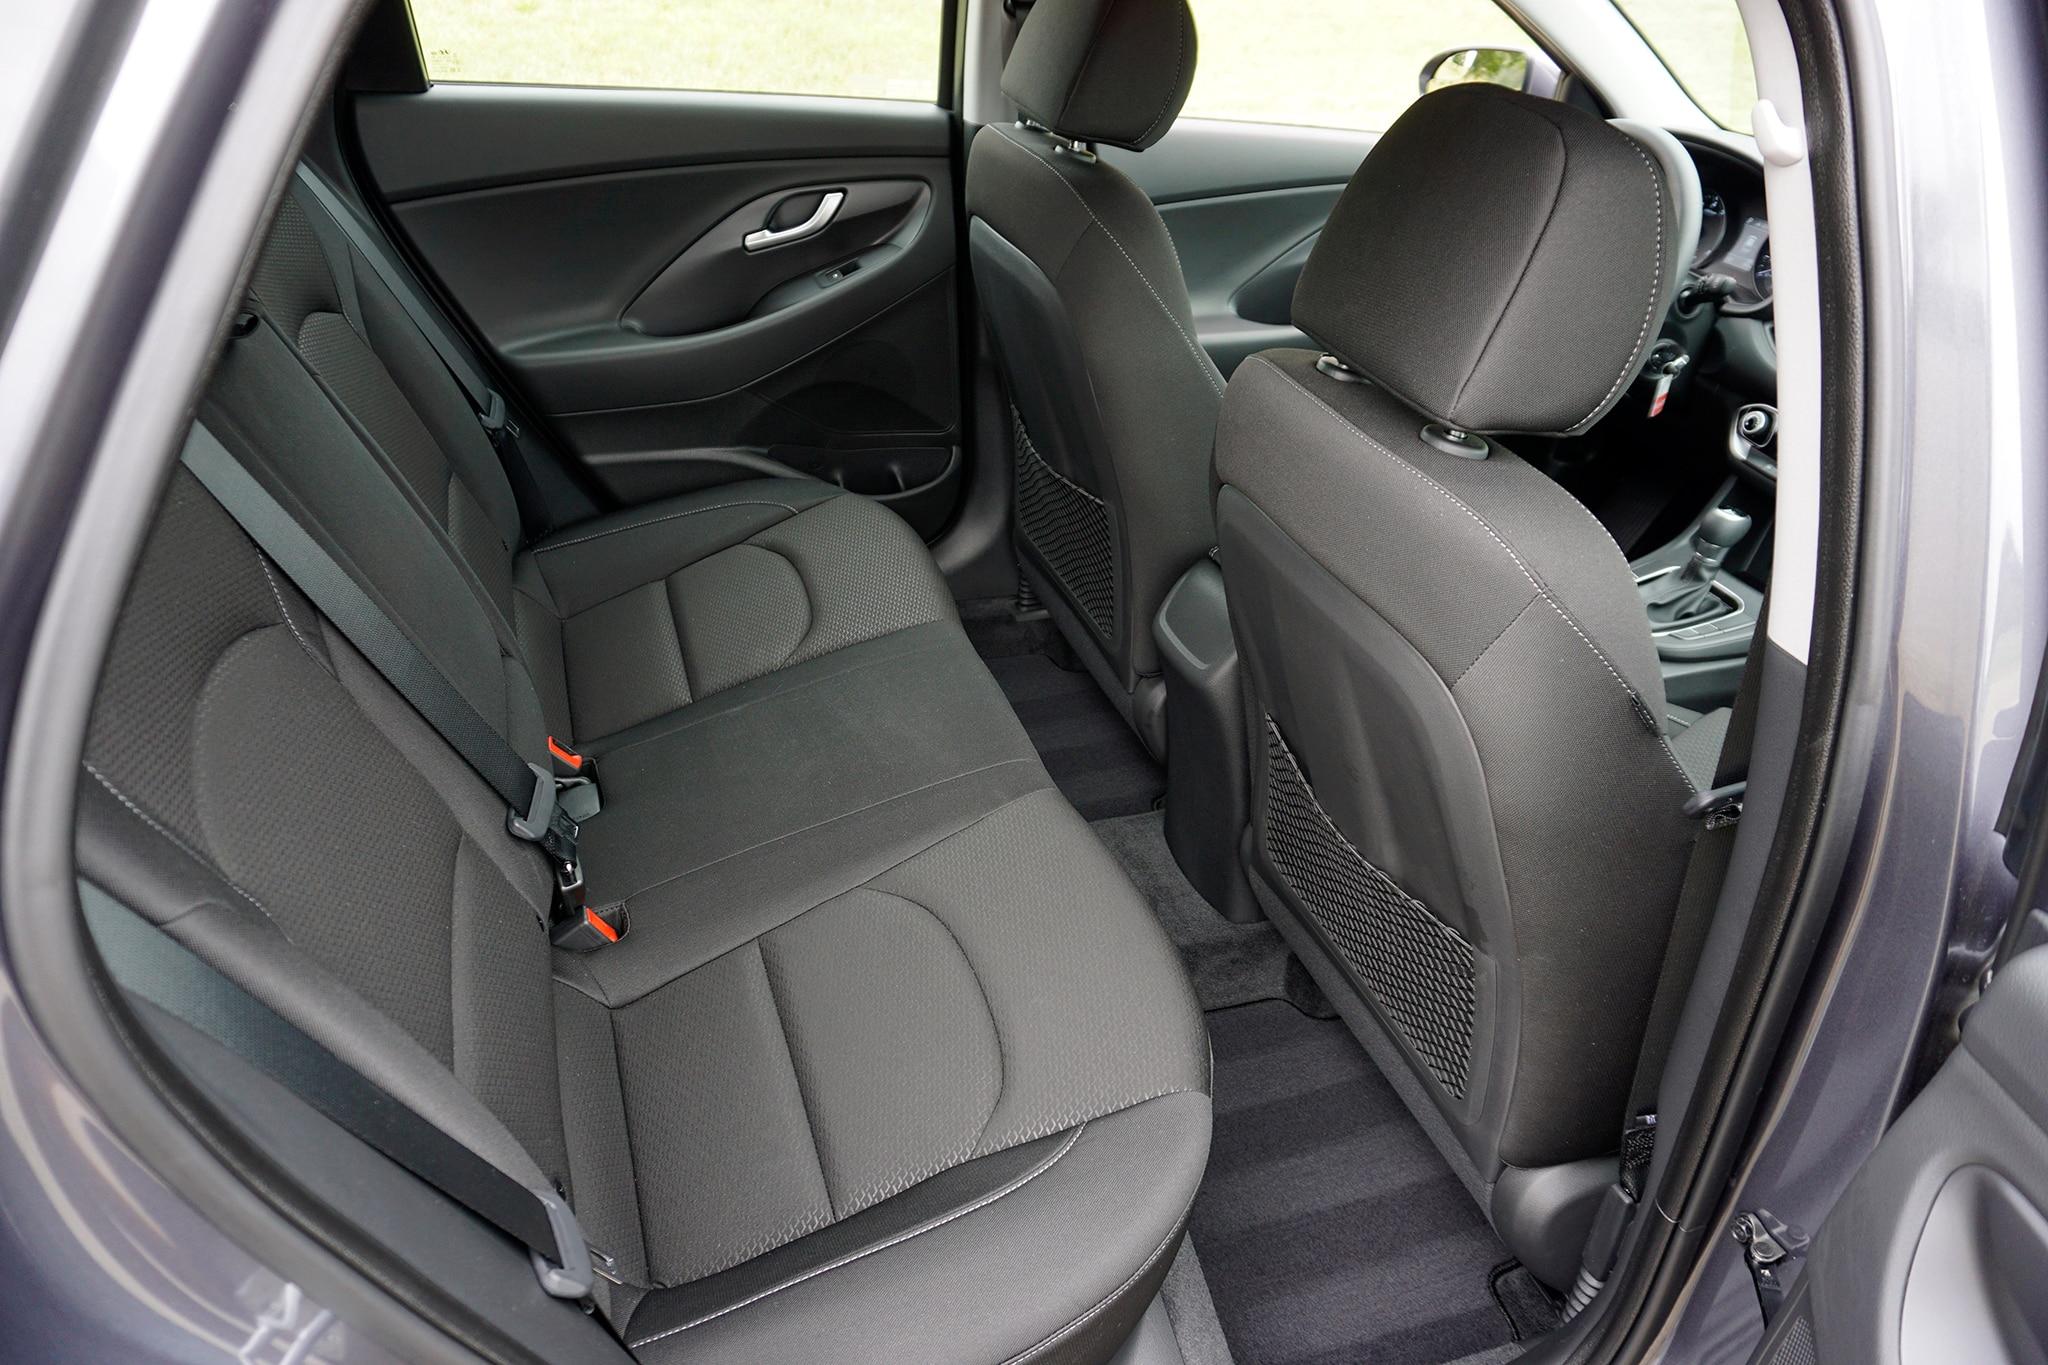 2018-Hyundai-Elantra-GT-rear-seat-01.jpg